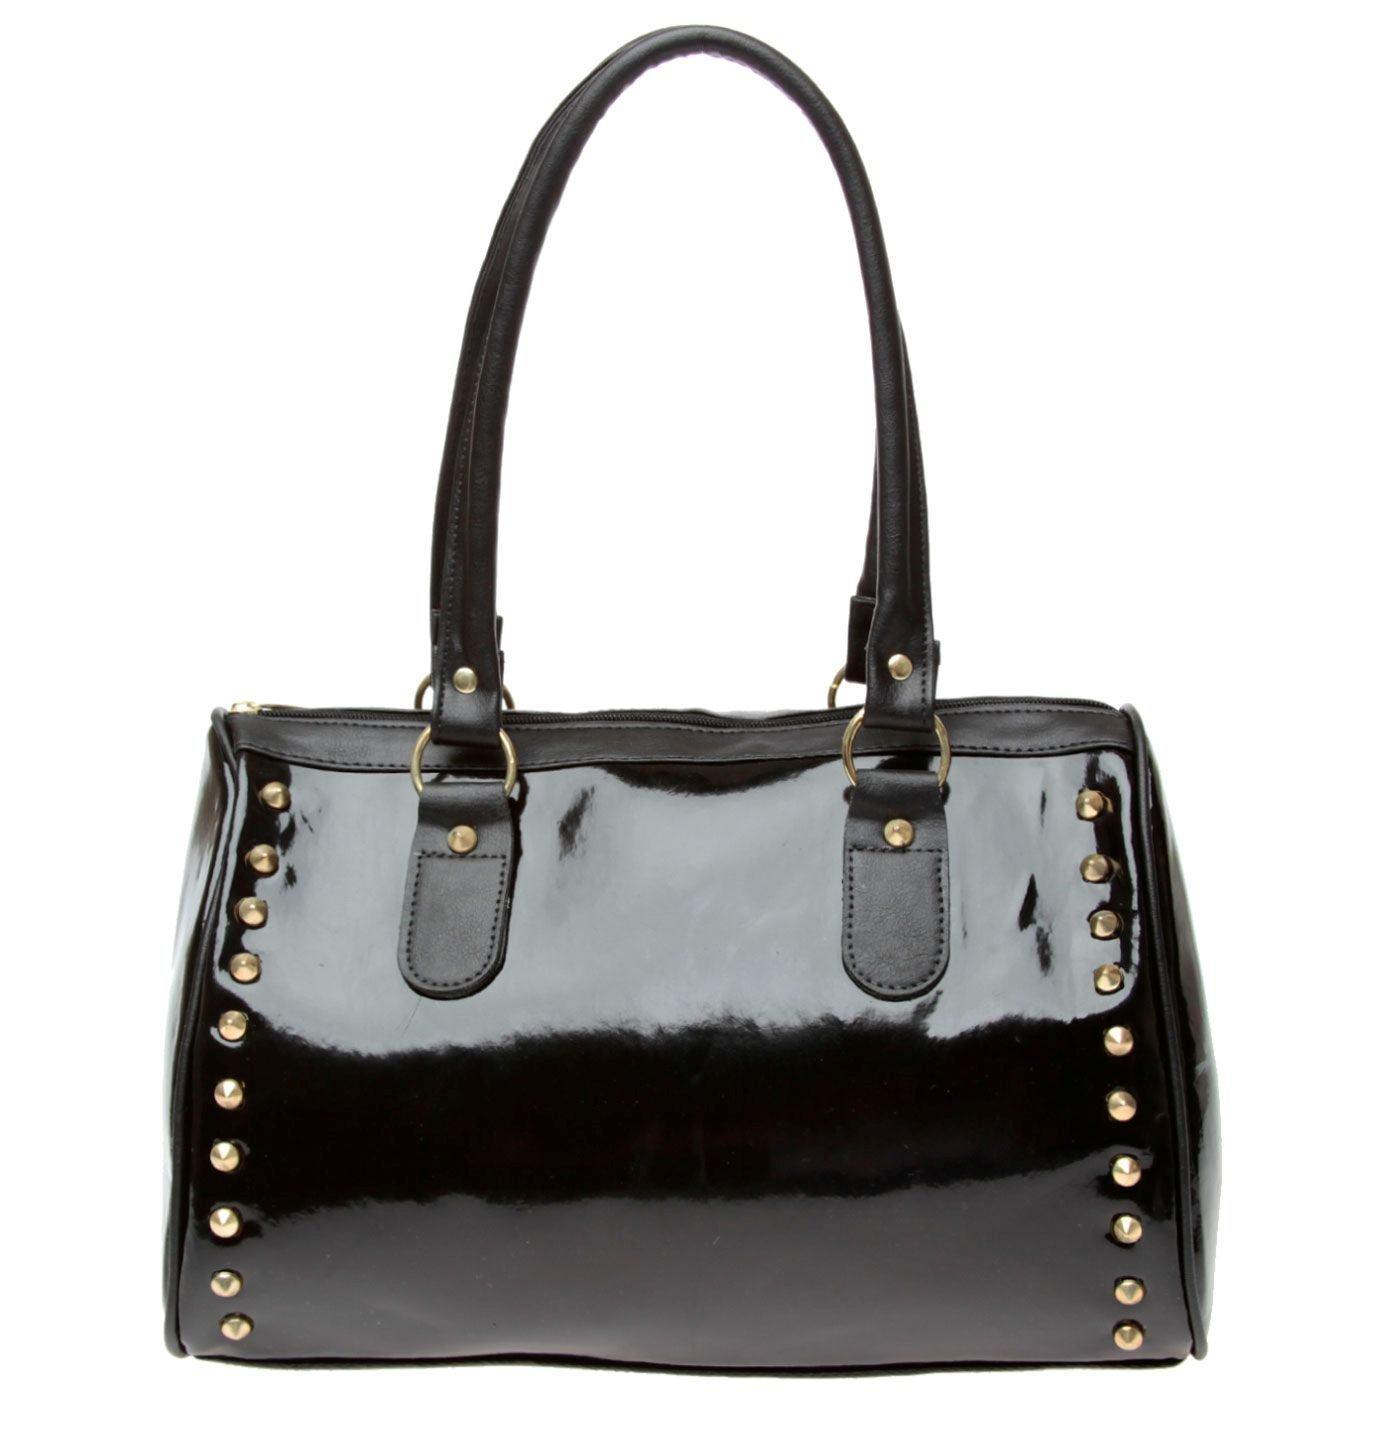 Bolsa De Mão Preta Verniz : Belas bolsas femininas moda inverno de verniz e